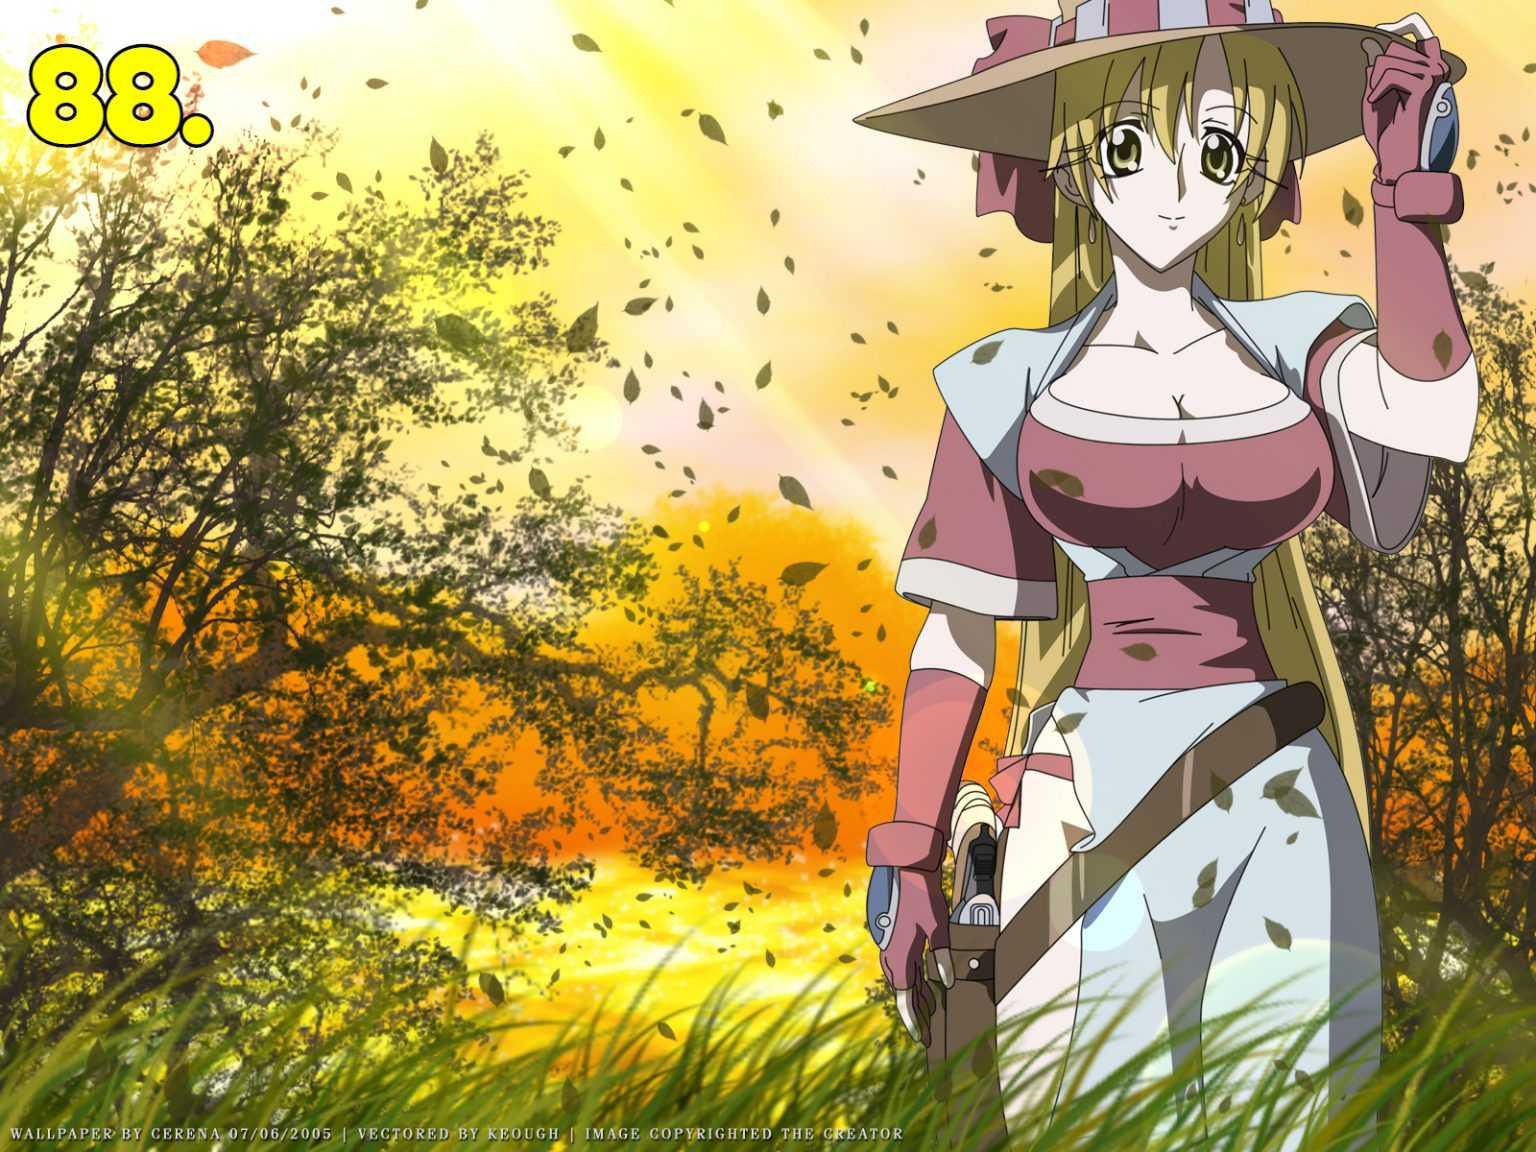 Grenadier-Hohoemi-no-Senshi-1536x1152